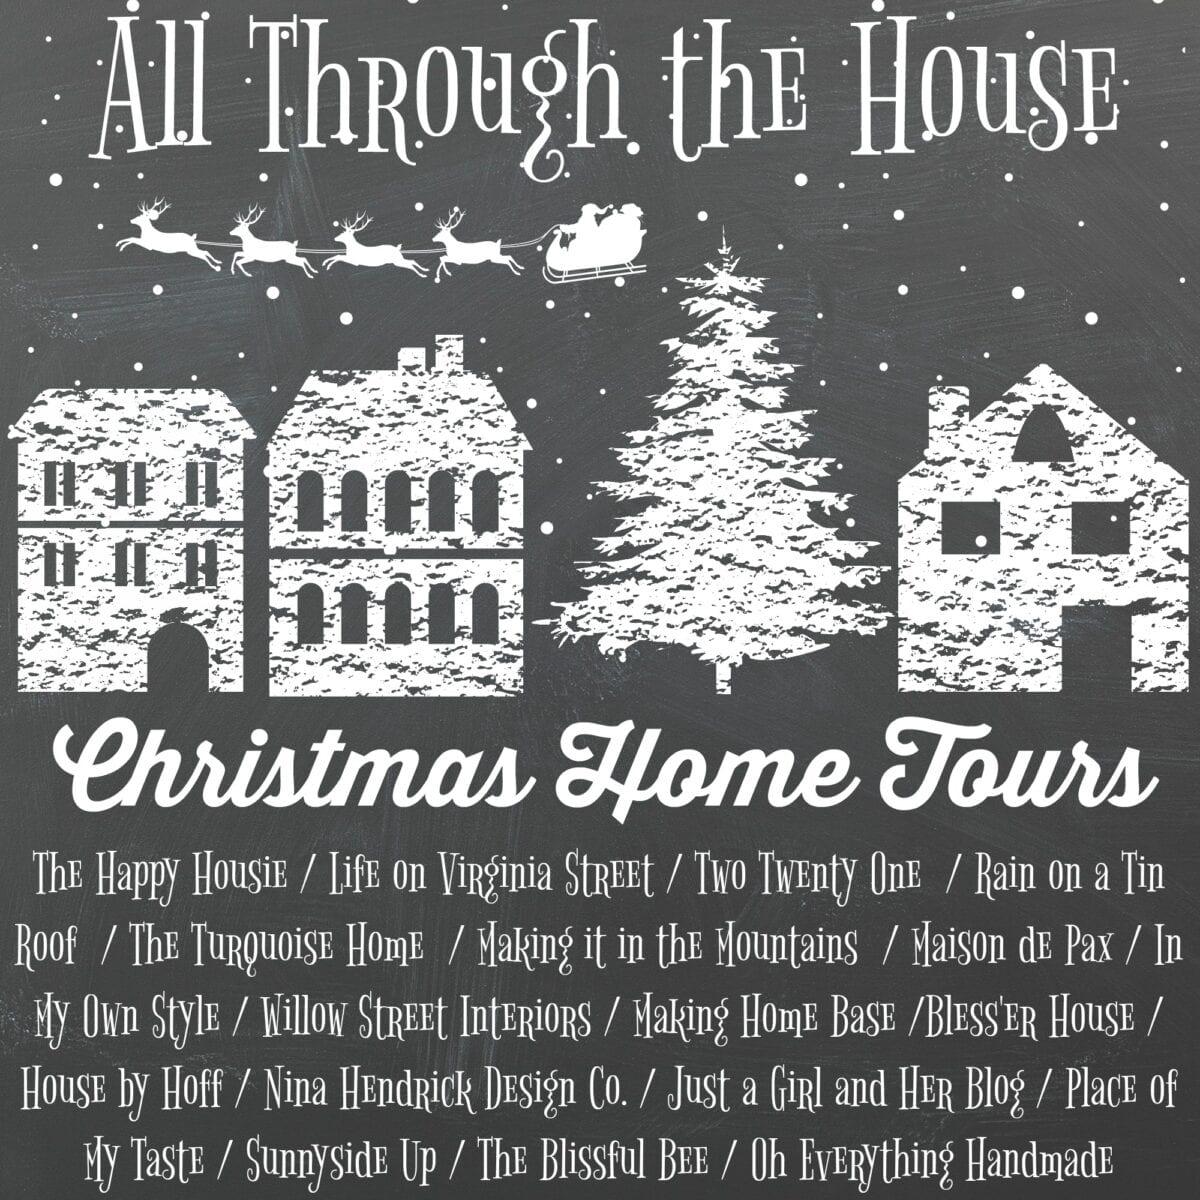 White Christmas Bedrooms Tour - Bless\'er House